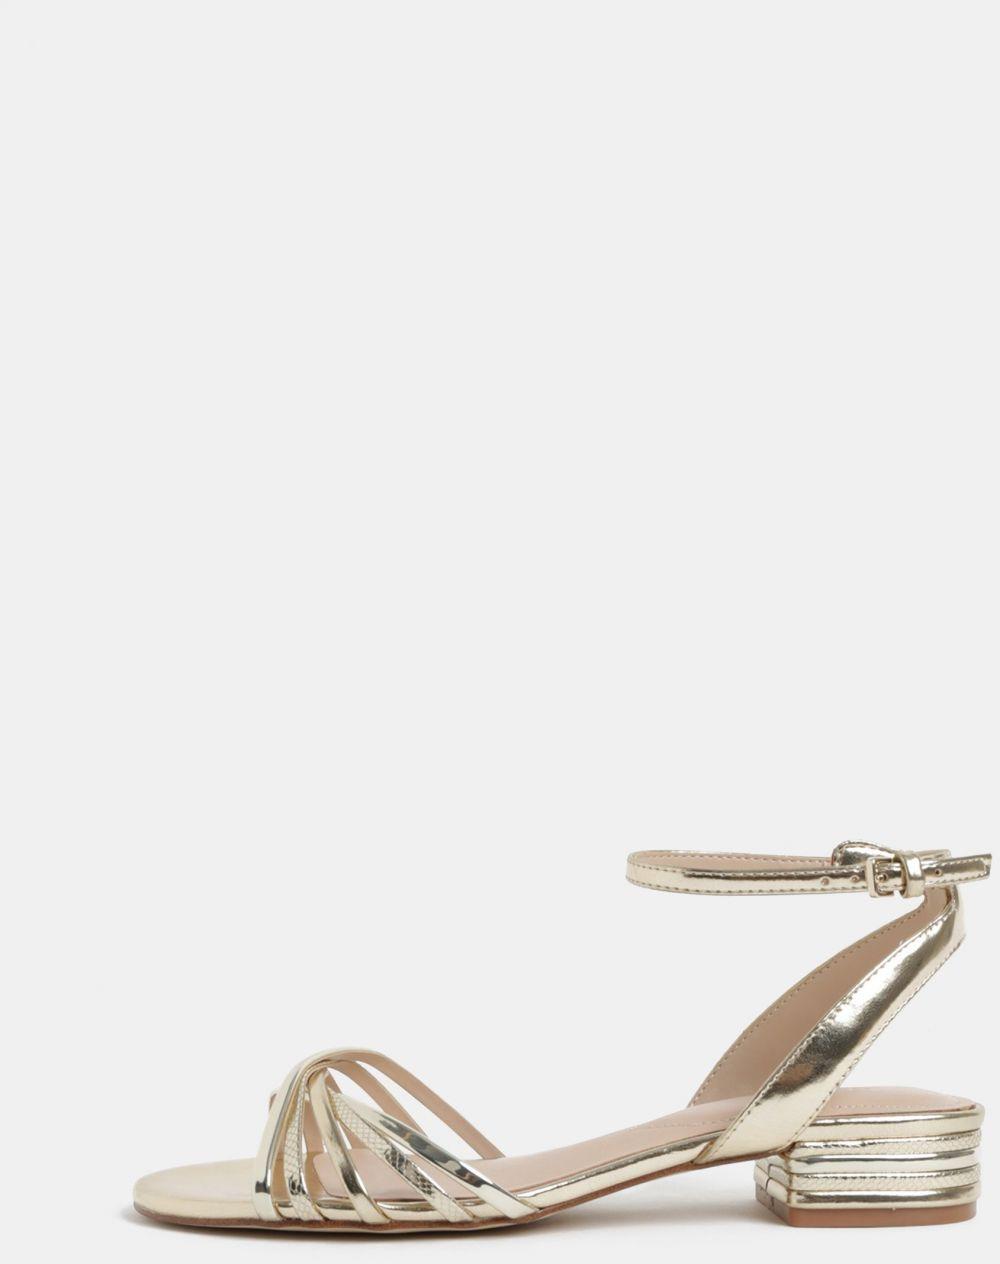 e120c1491b50 Dámske sandále v zlatej farbe ALDO značky ALDO - Lovely.sk